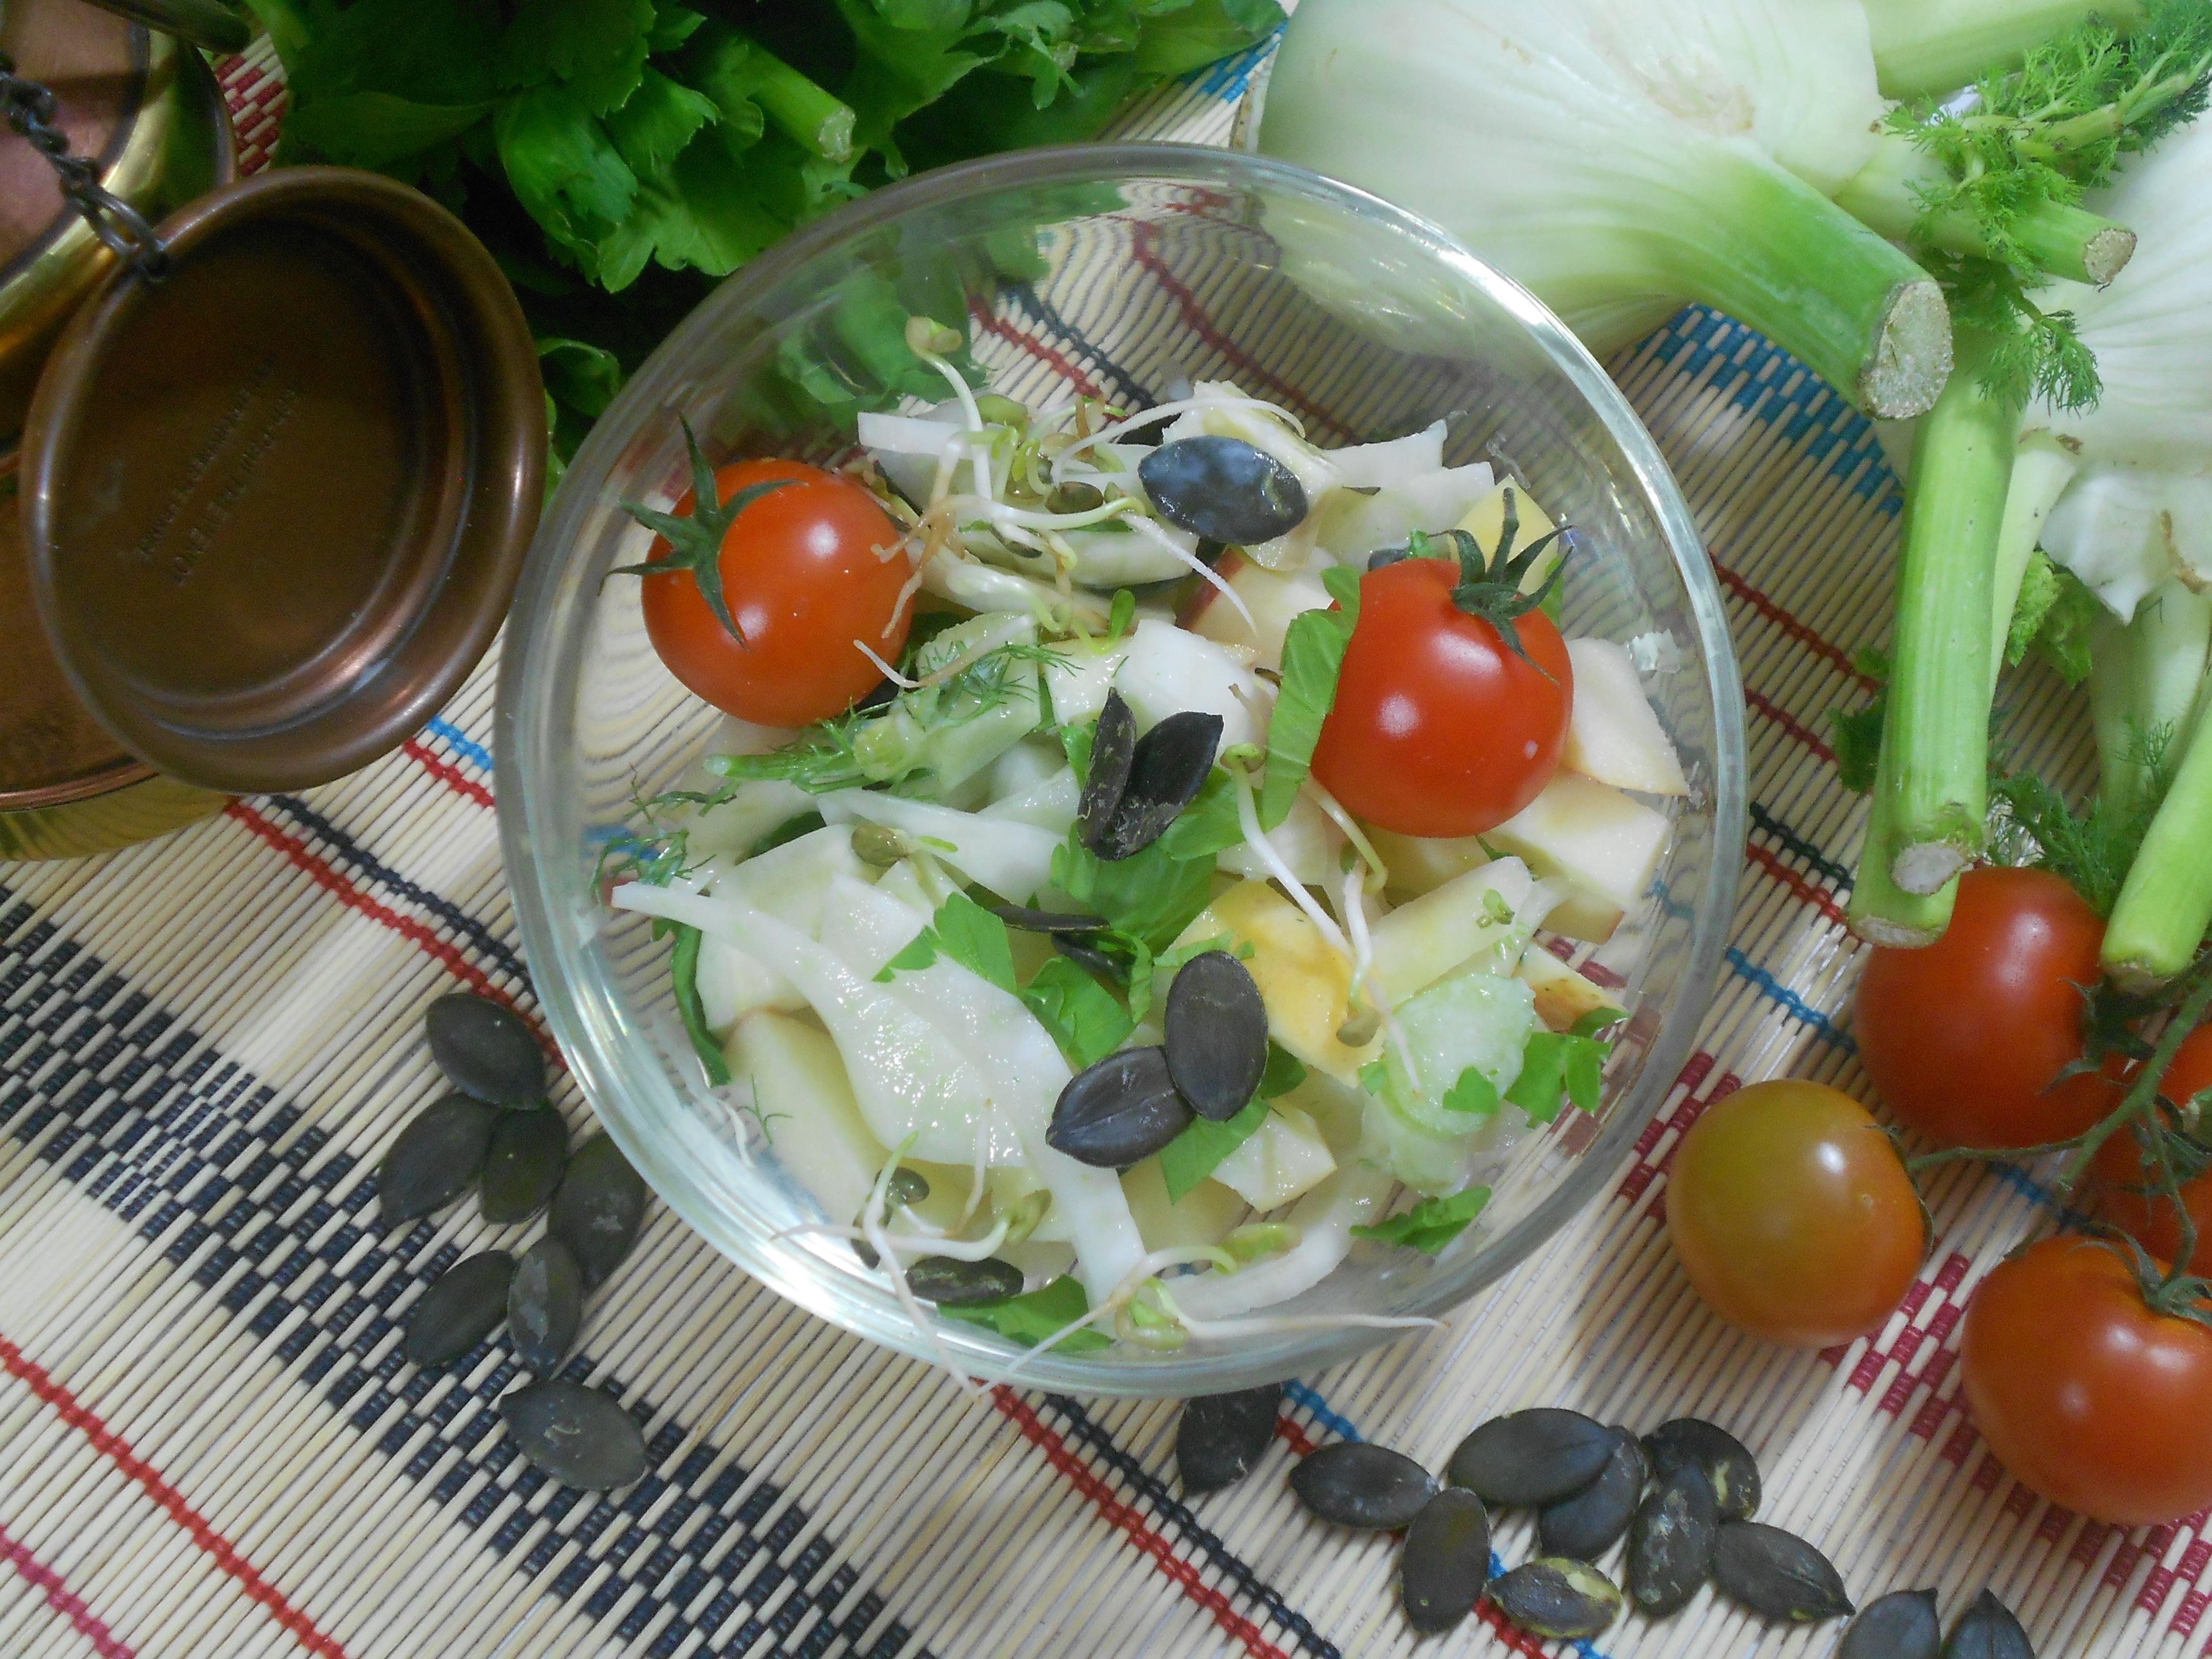 une salade de fenouil et graine de courge, aliments riches en zinc